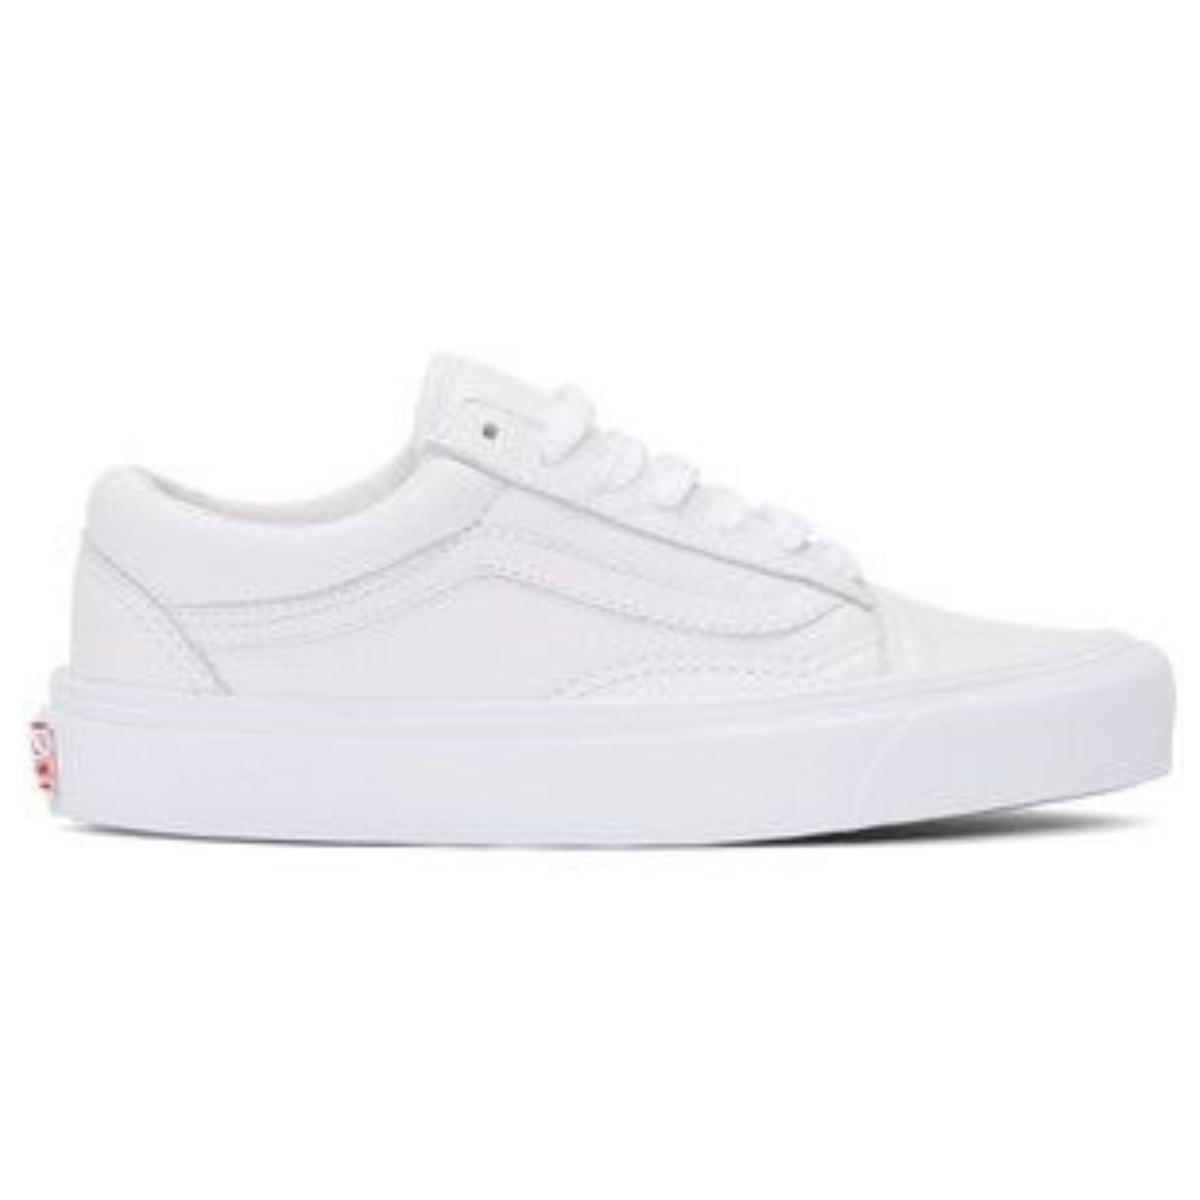 tênis vans old skool branco couro - frete grátis - promoção. Carregando  zoom. 61ea14f991414